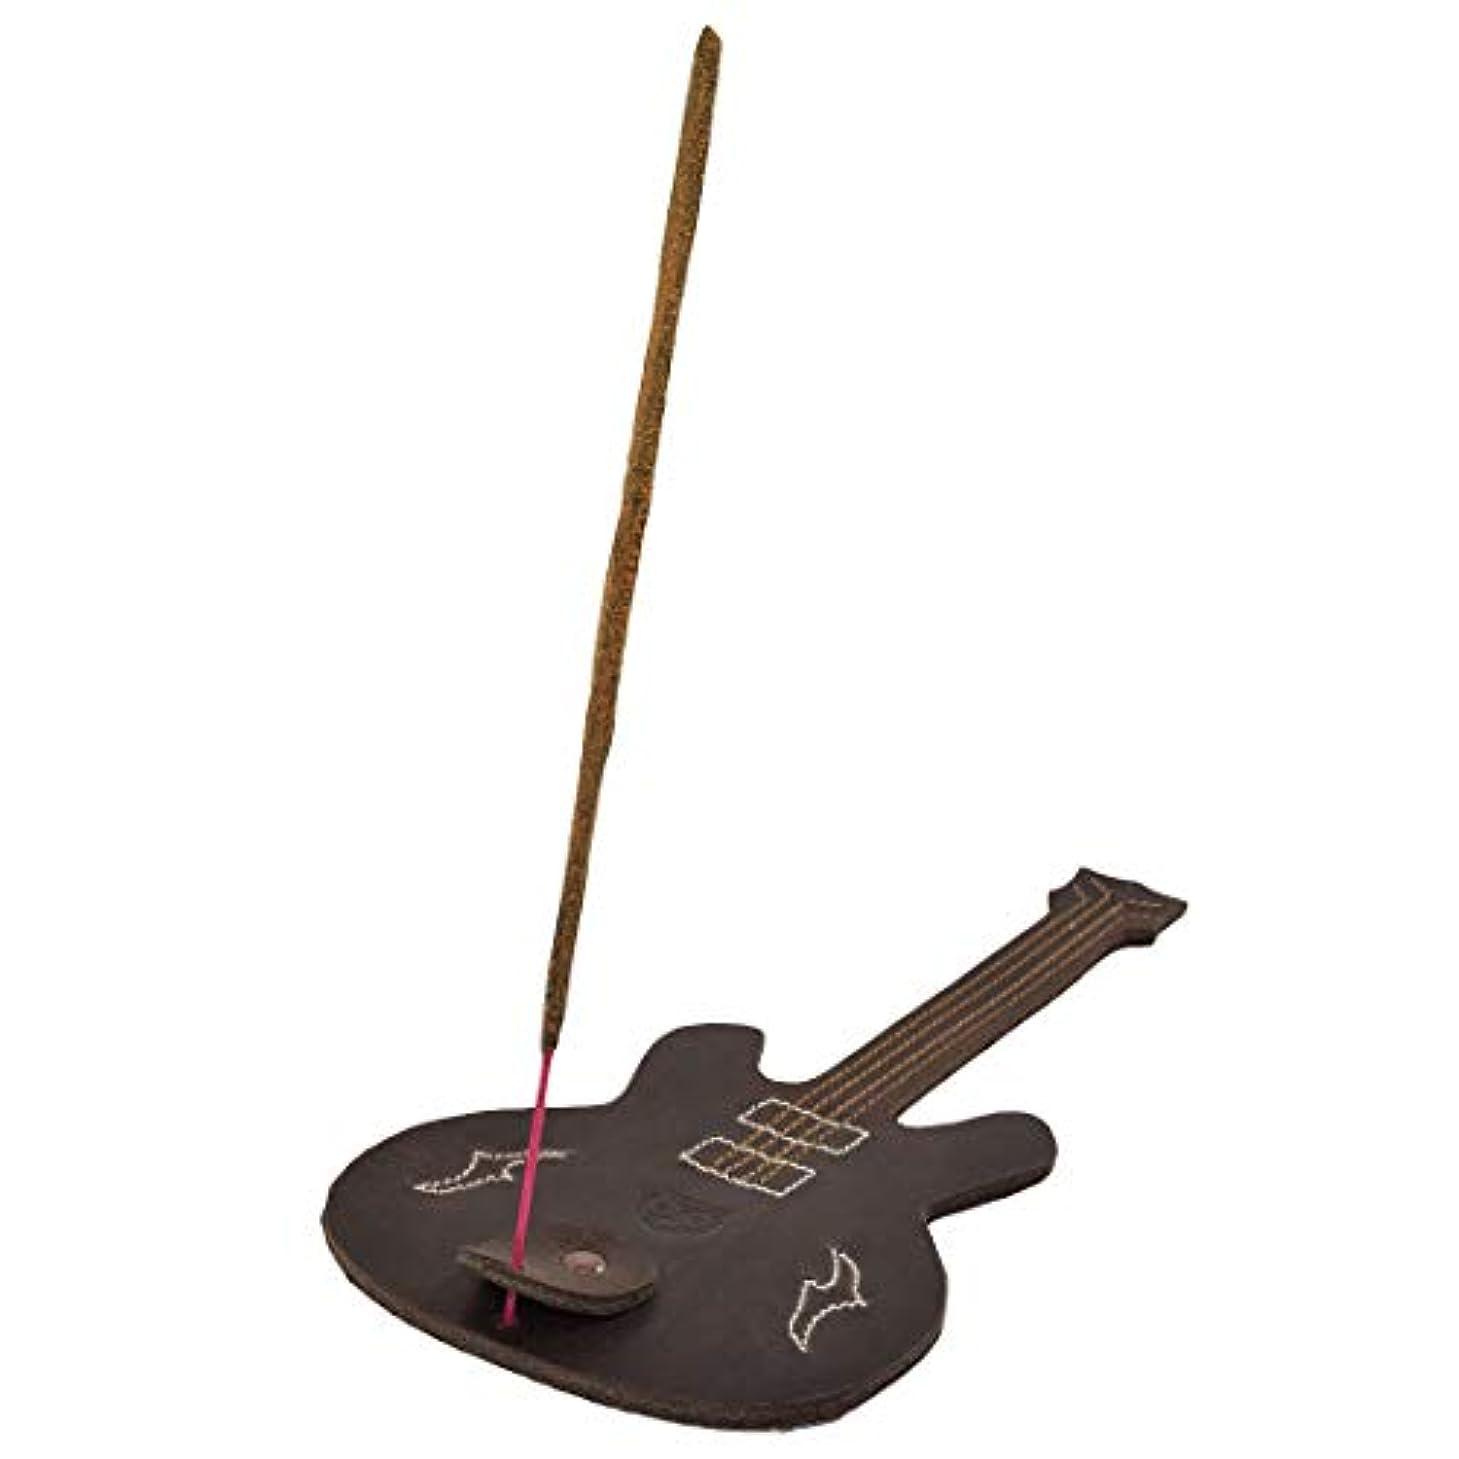 毒フィードバックお世話になったHide & Drink厚レザーギター形状Incense Burnerスティックホルダーwith Ashキャッチャー手作りでBourbonブラウン